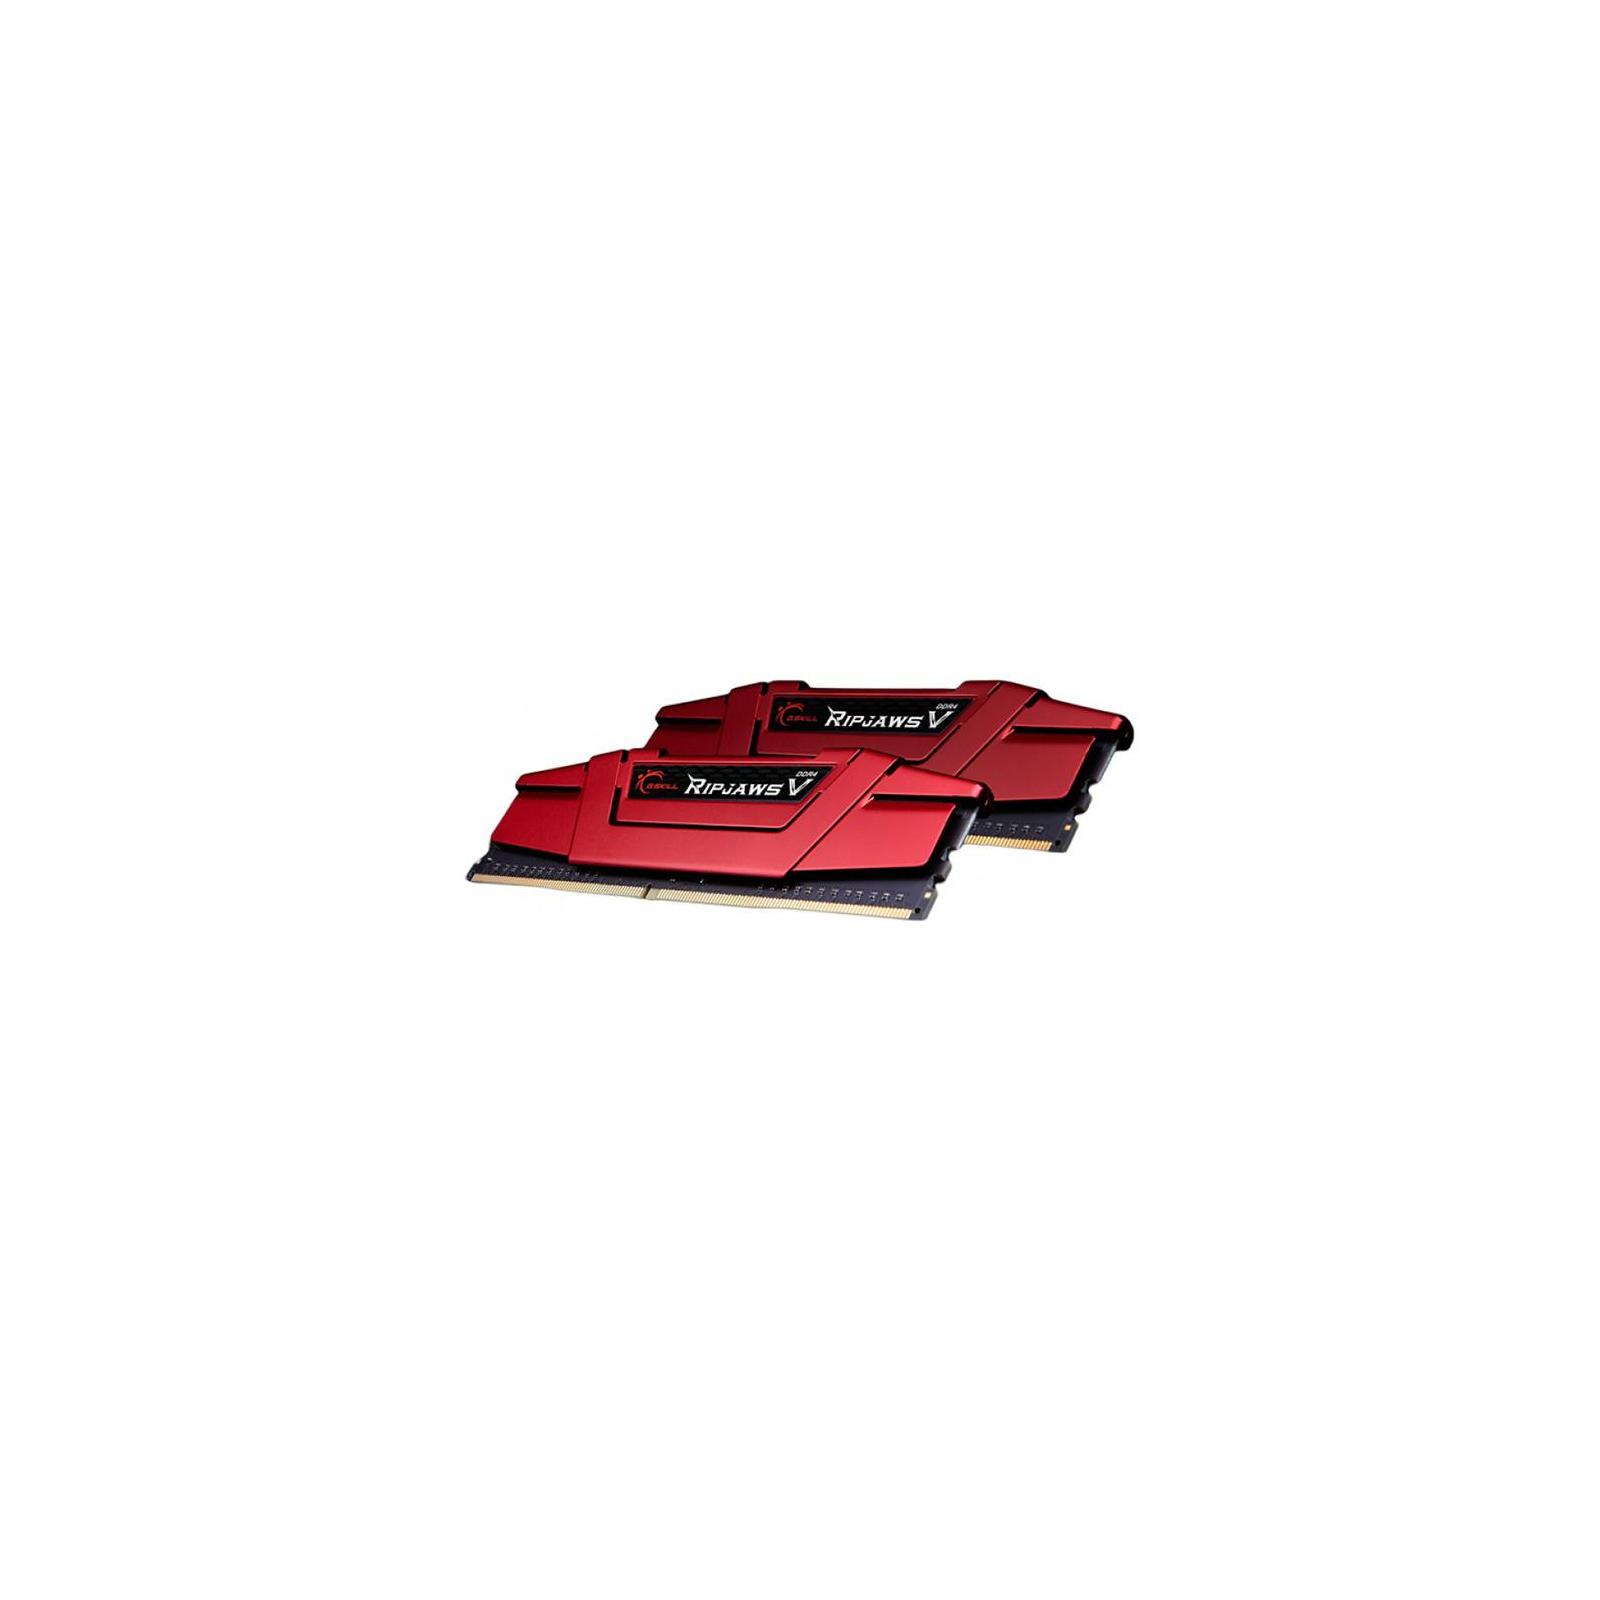 Модуль памяти для компьютера DDR4 16GB (2x8GB) 3000 MHz RipjawsV Red G.Skill (F4-3000C16D-16GVRB) изображение 3